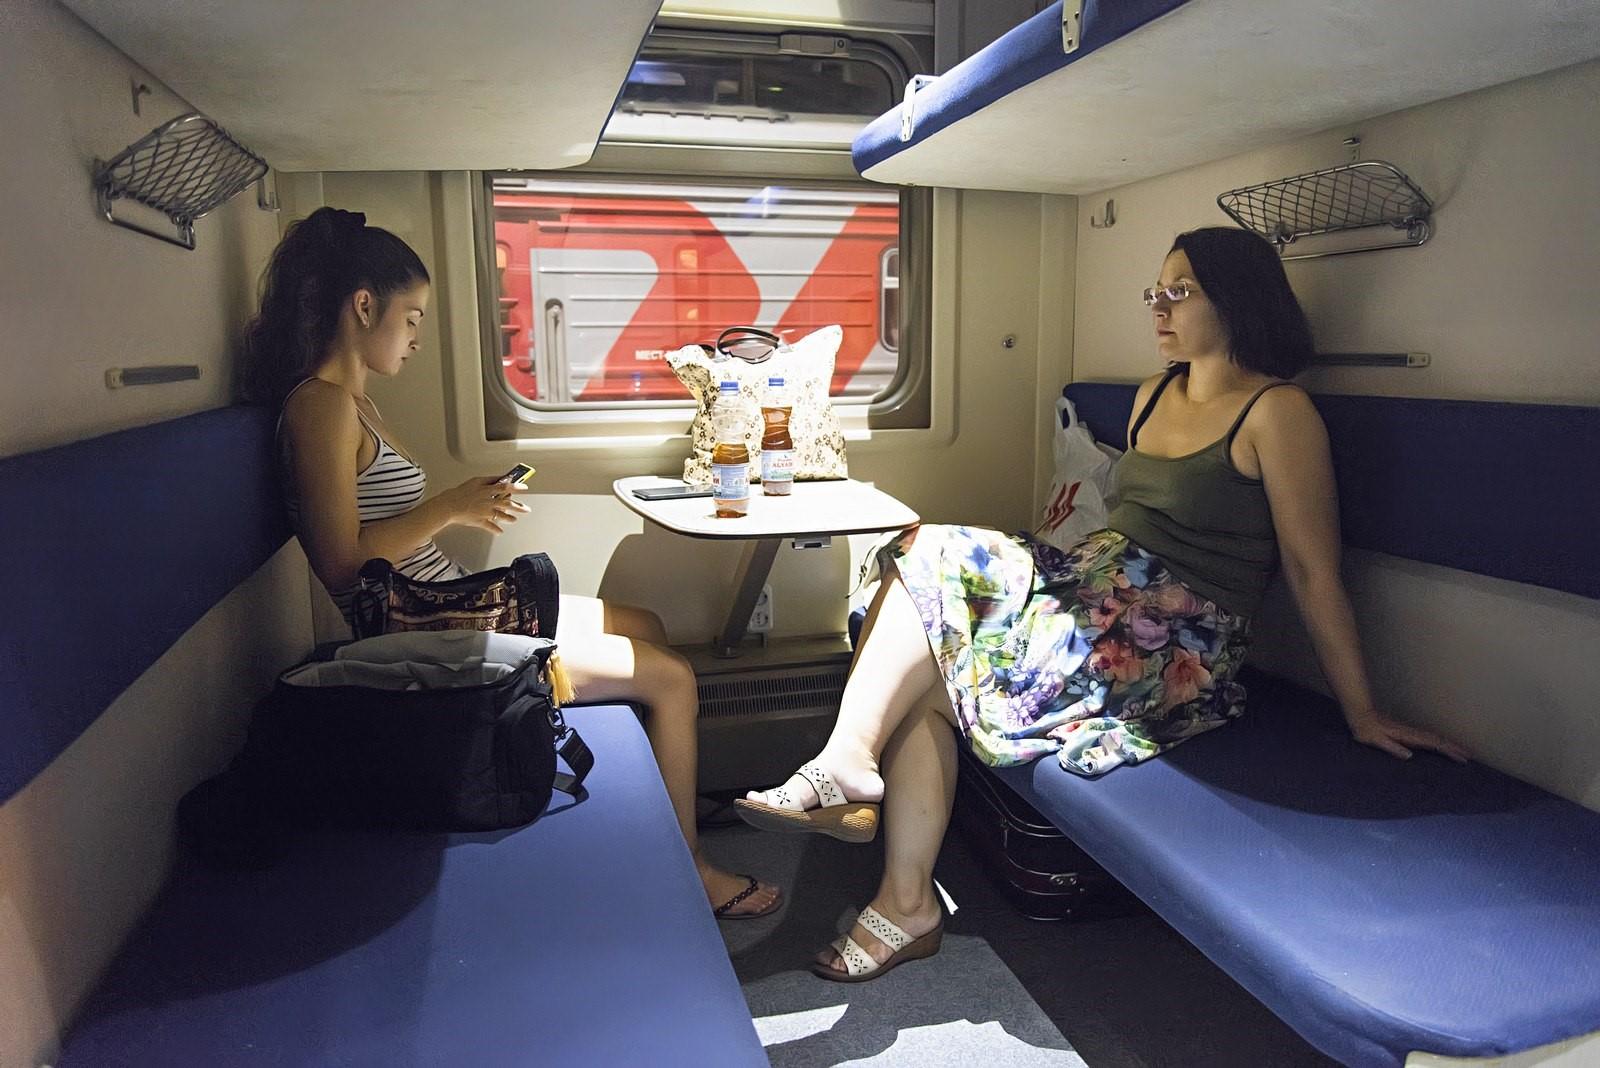 Надо ли уступать другим пассажирам свою полку в поезде